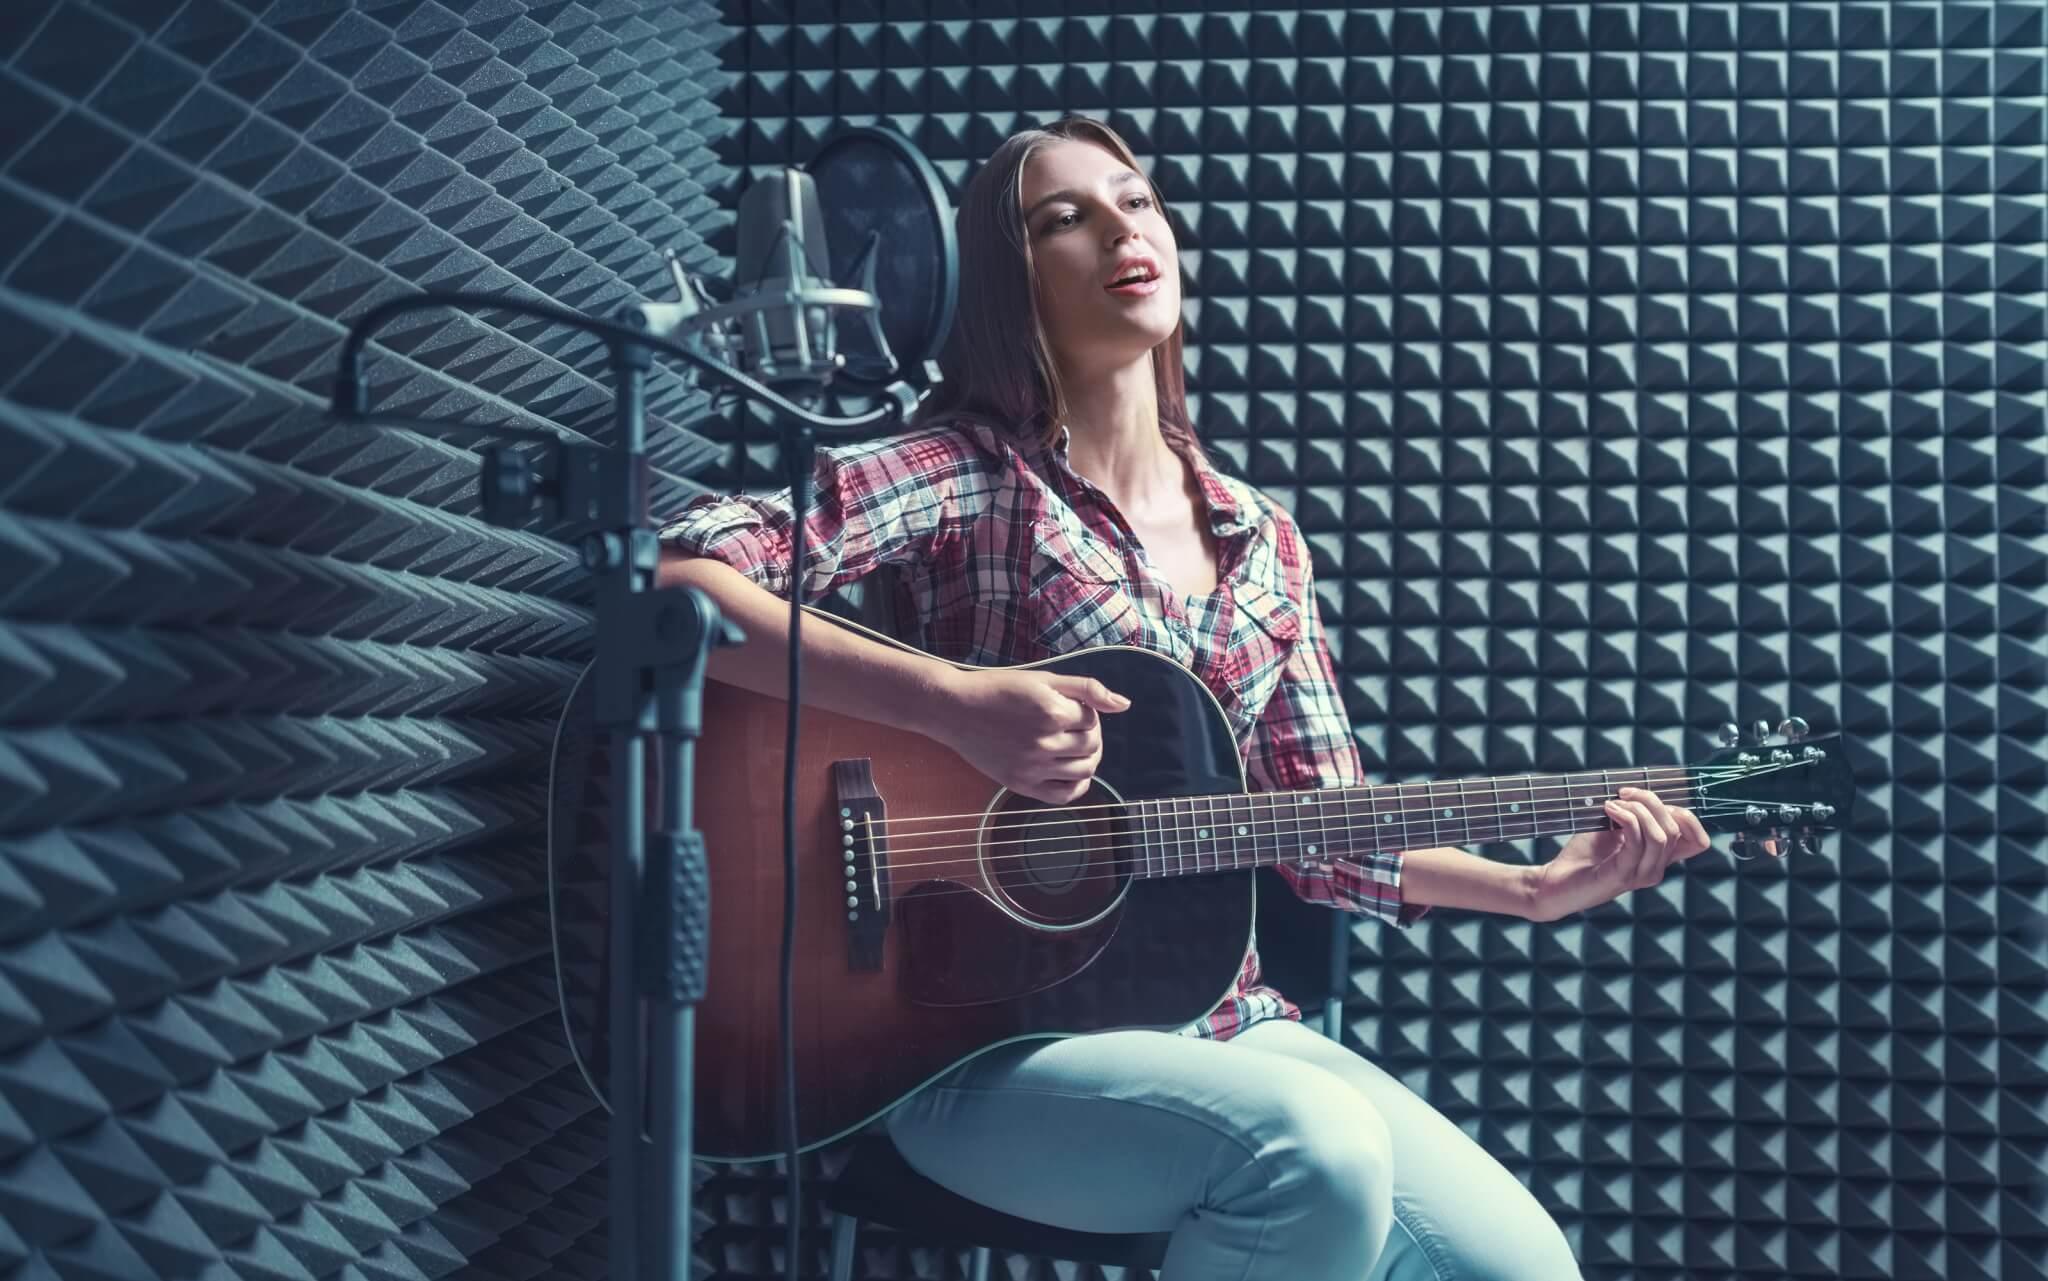 نوآوری در صنعت موسیقی: آهنگسازی با ریتم بلاکچین در استودیوی اتریوم